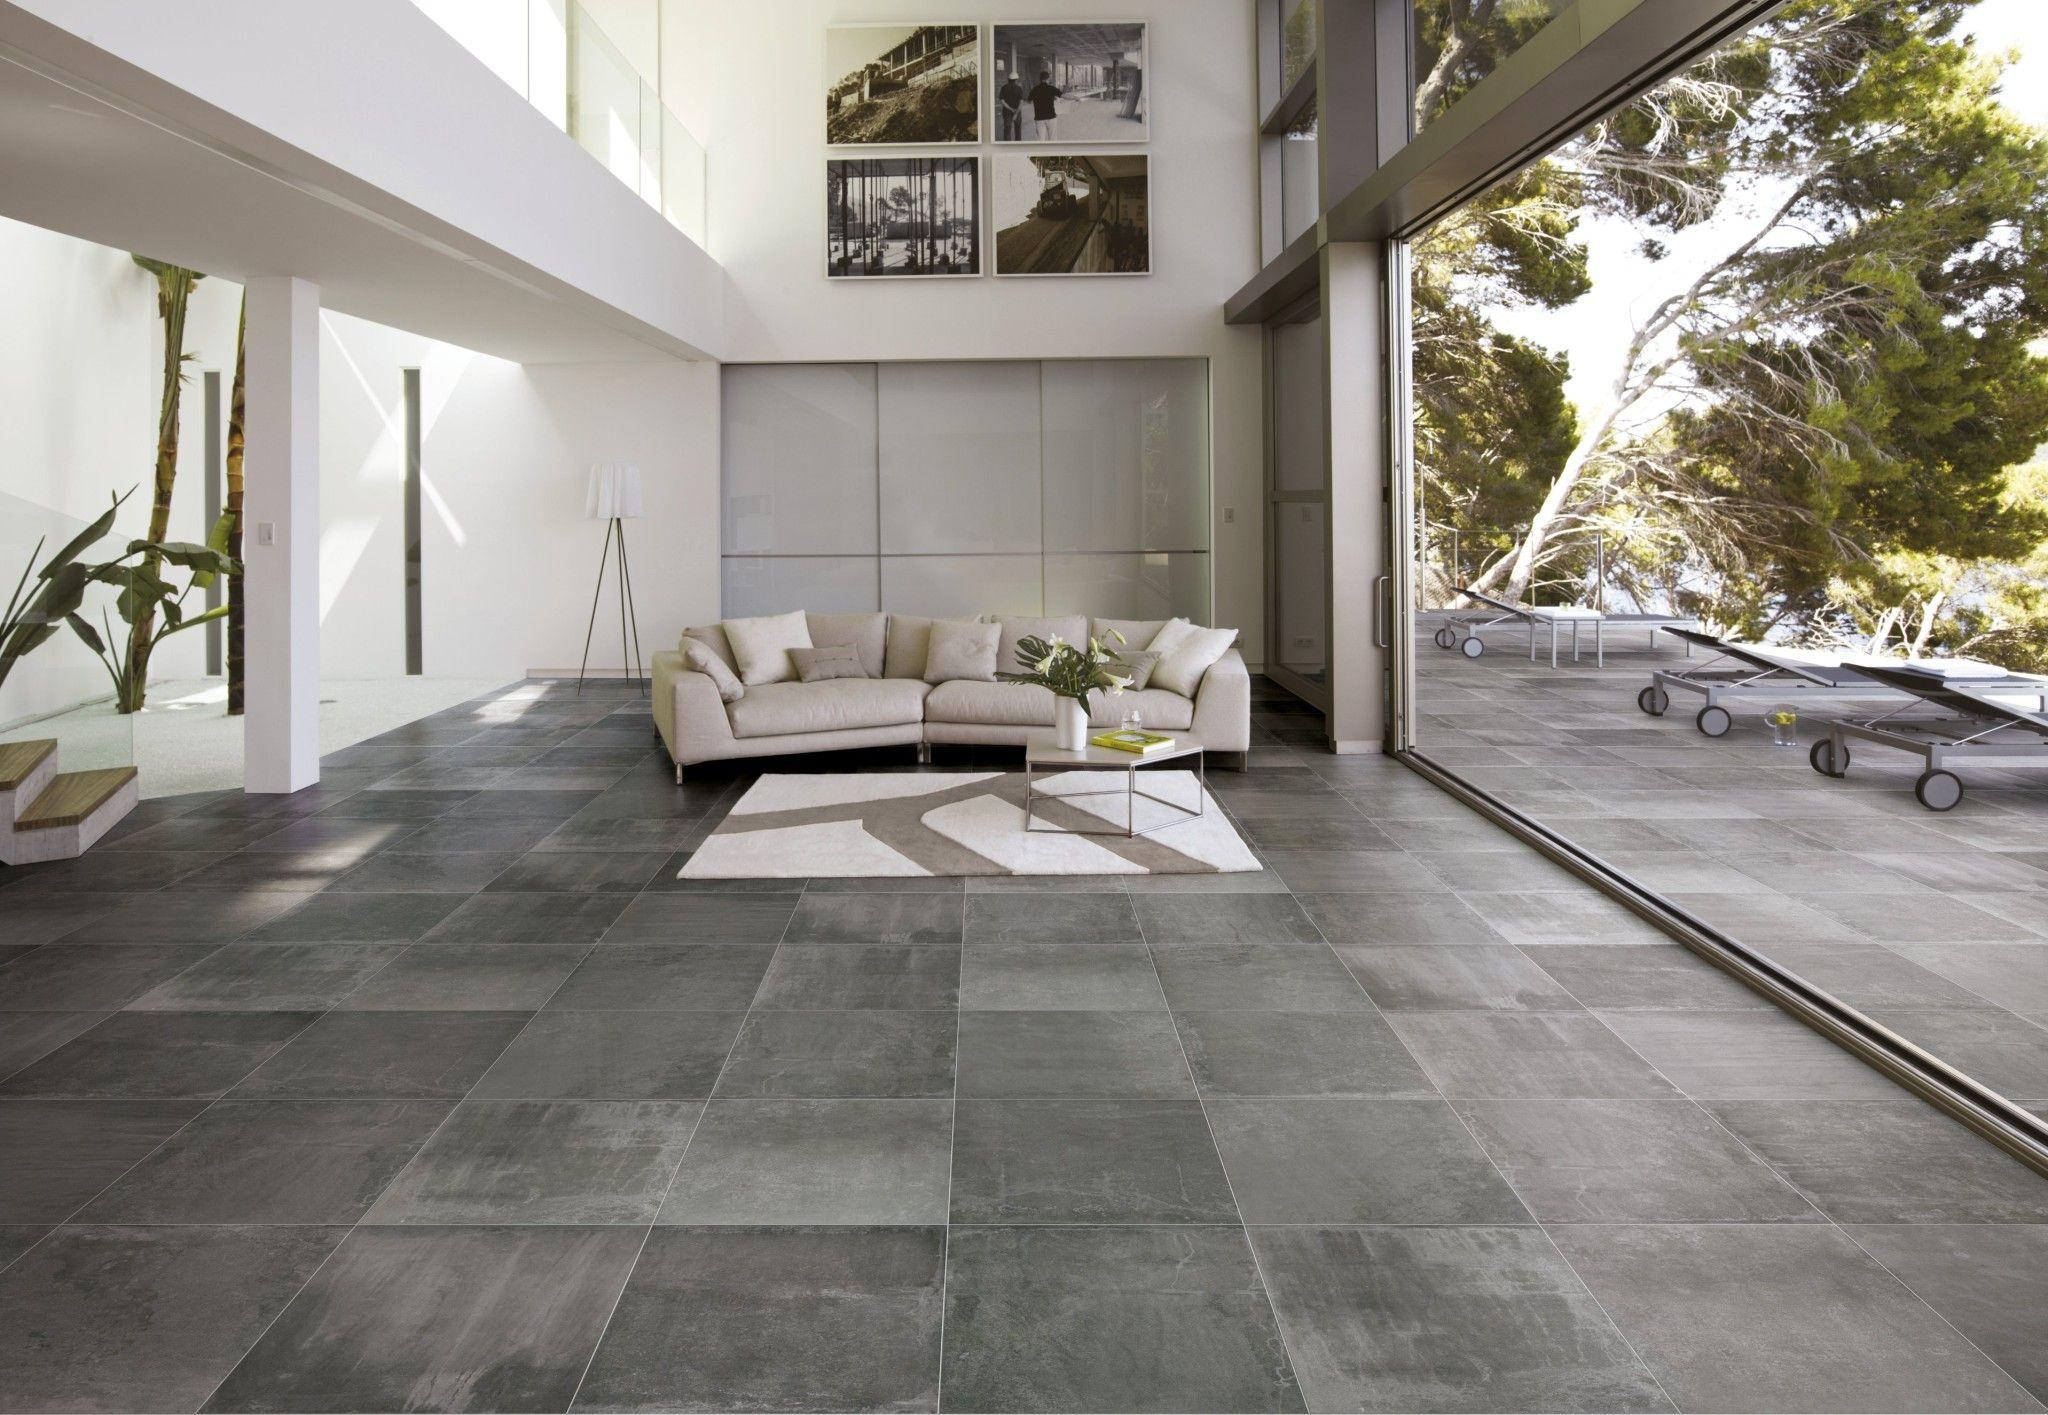 afbeeldingsresultaat voor keramische tegels binnen en buiten project 2 1 pinterest verandas. Black Bedroom Furniture Sets. Home Design Ideas